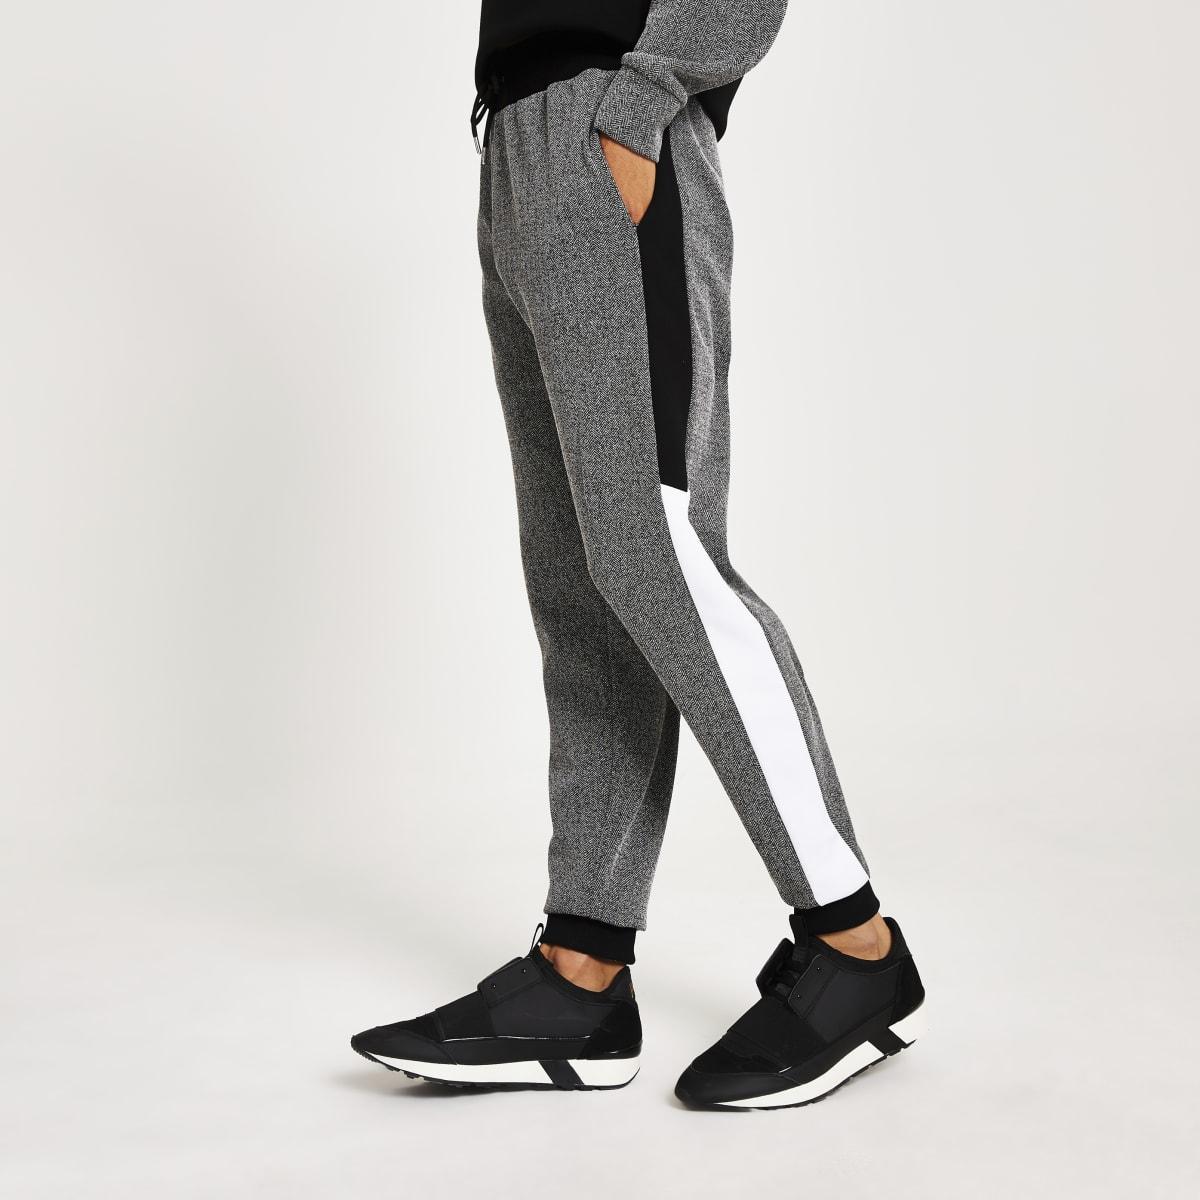 Pantalon de jogging slim noirà chevrons colour block